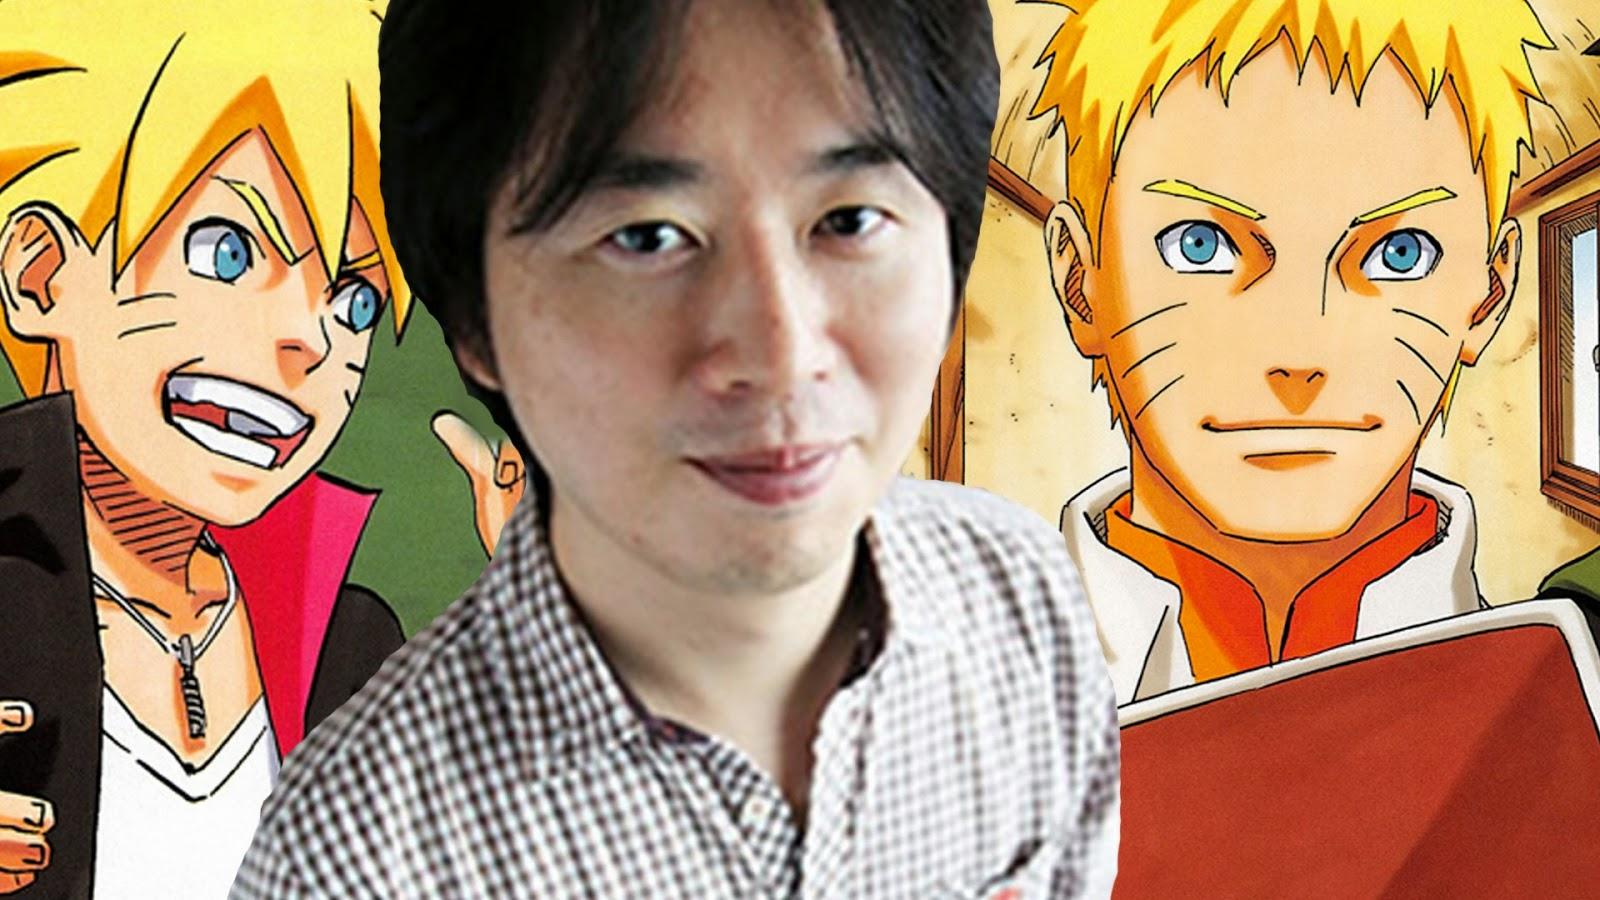 NARUTO, IL CREATORE MASASHI KISHIMOTO OSPITE A LUCCA COMICS AND GAMES 2015